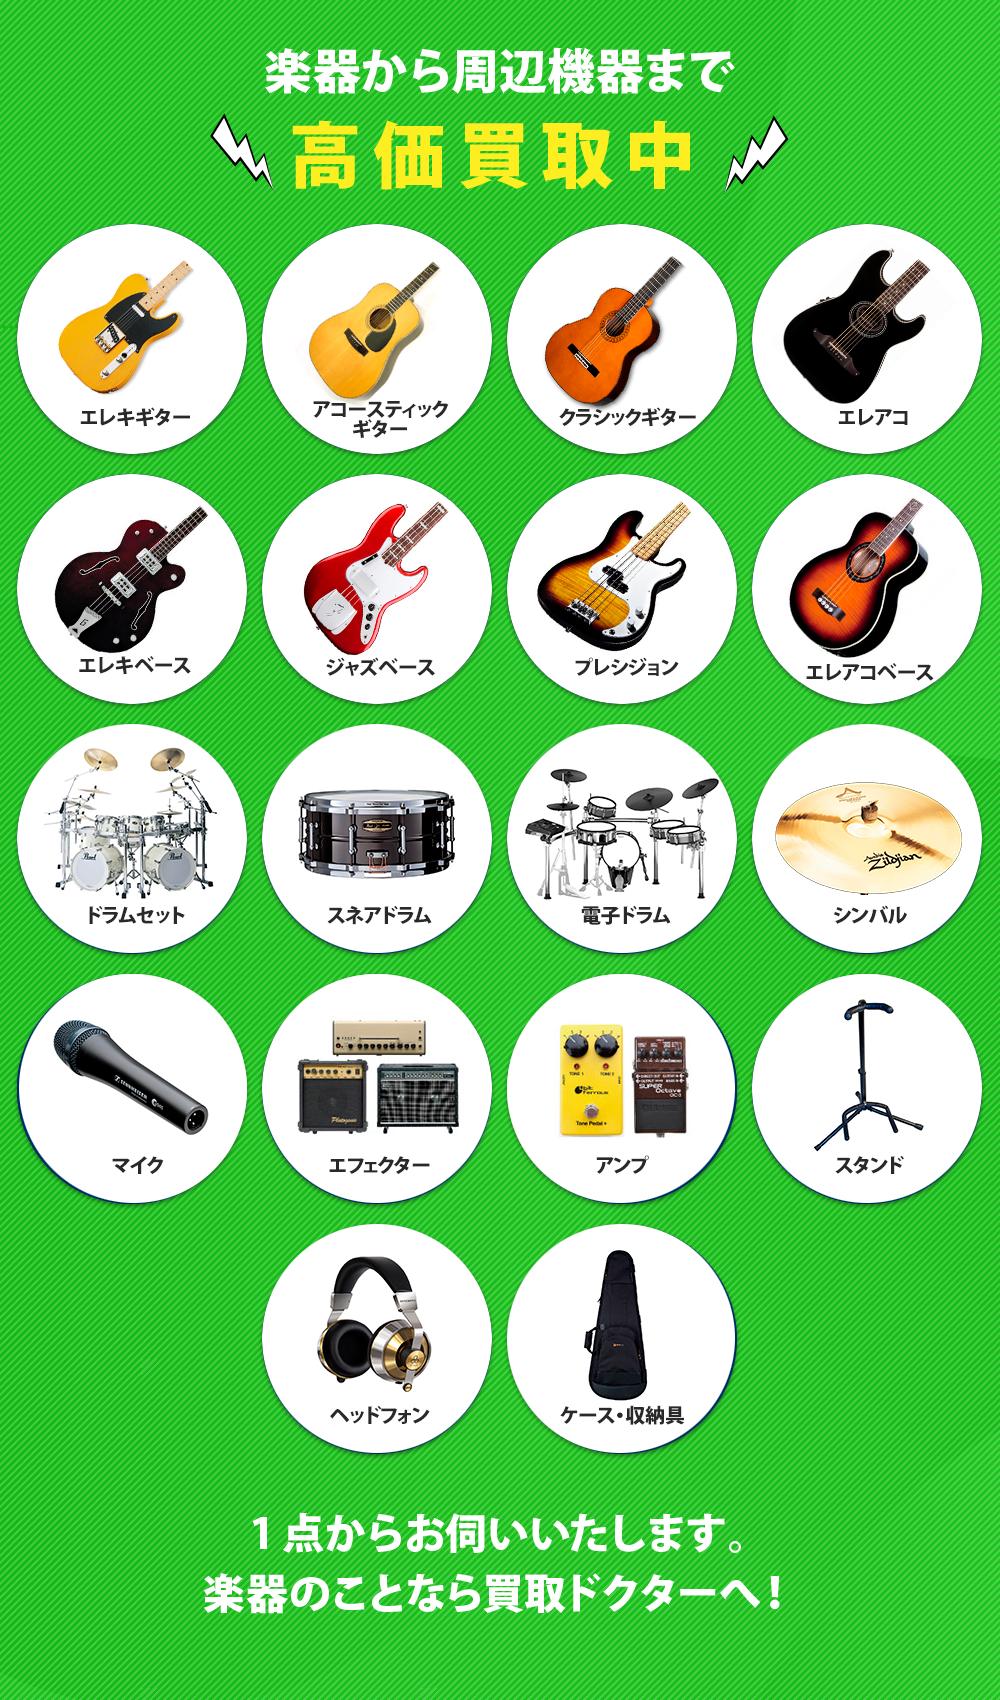 ギター高価買取いたします。